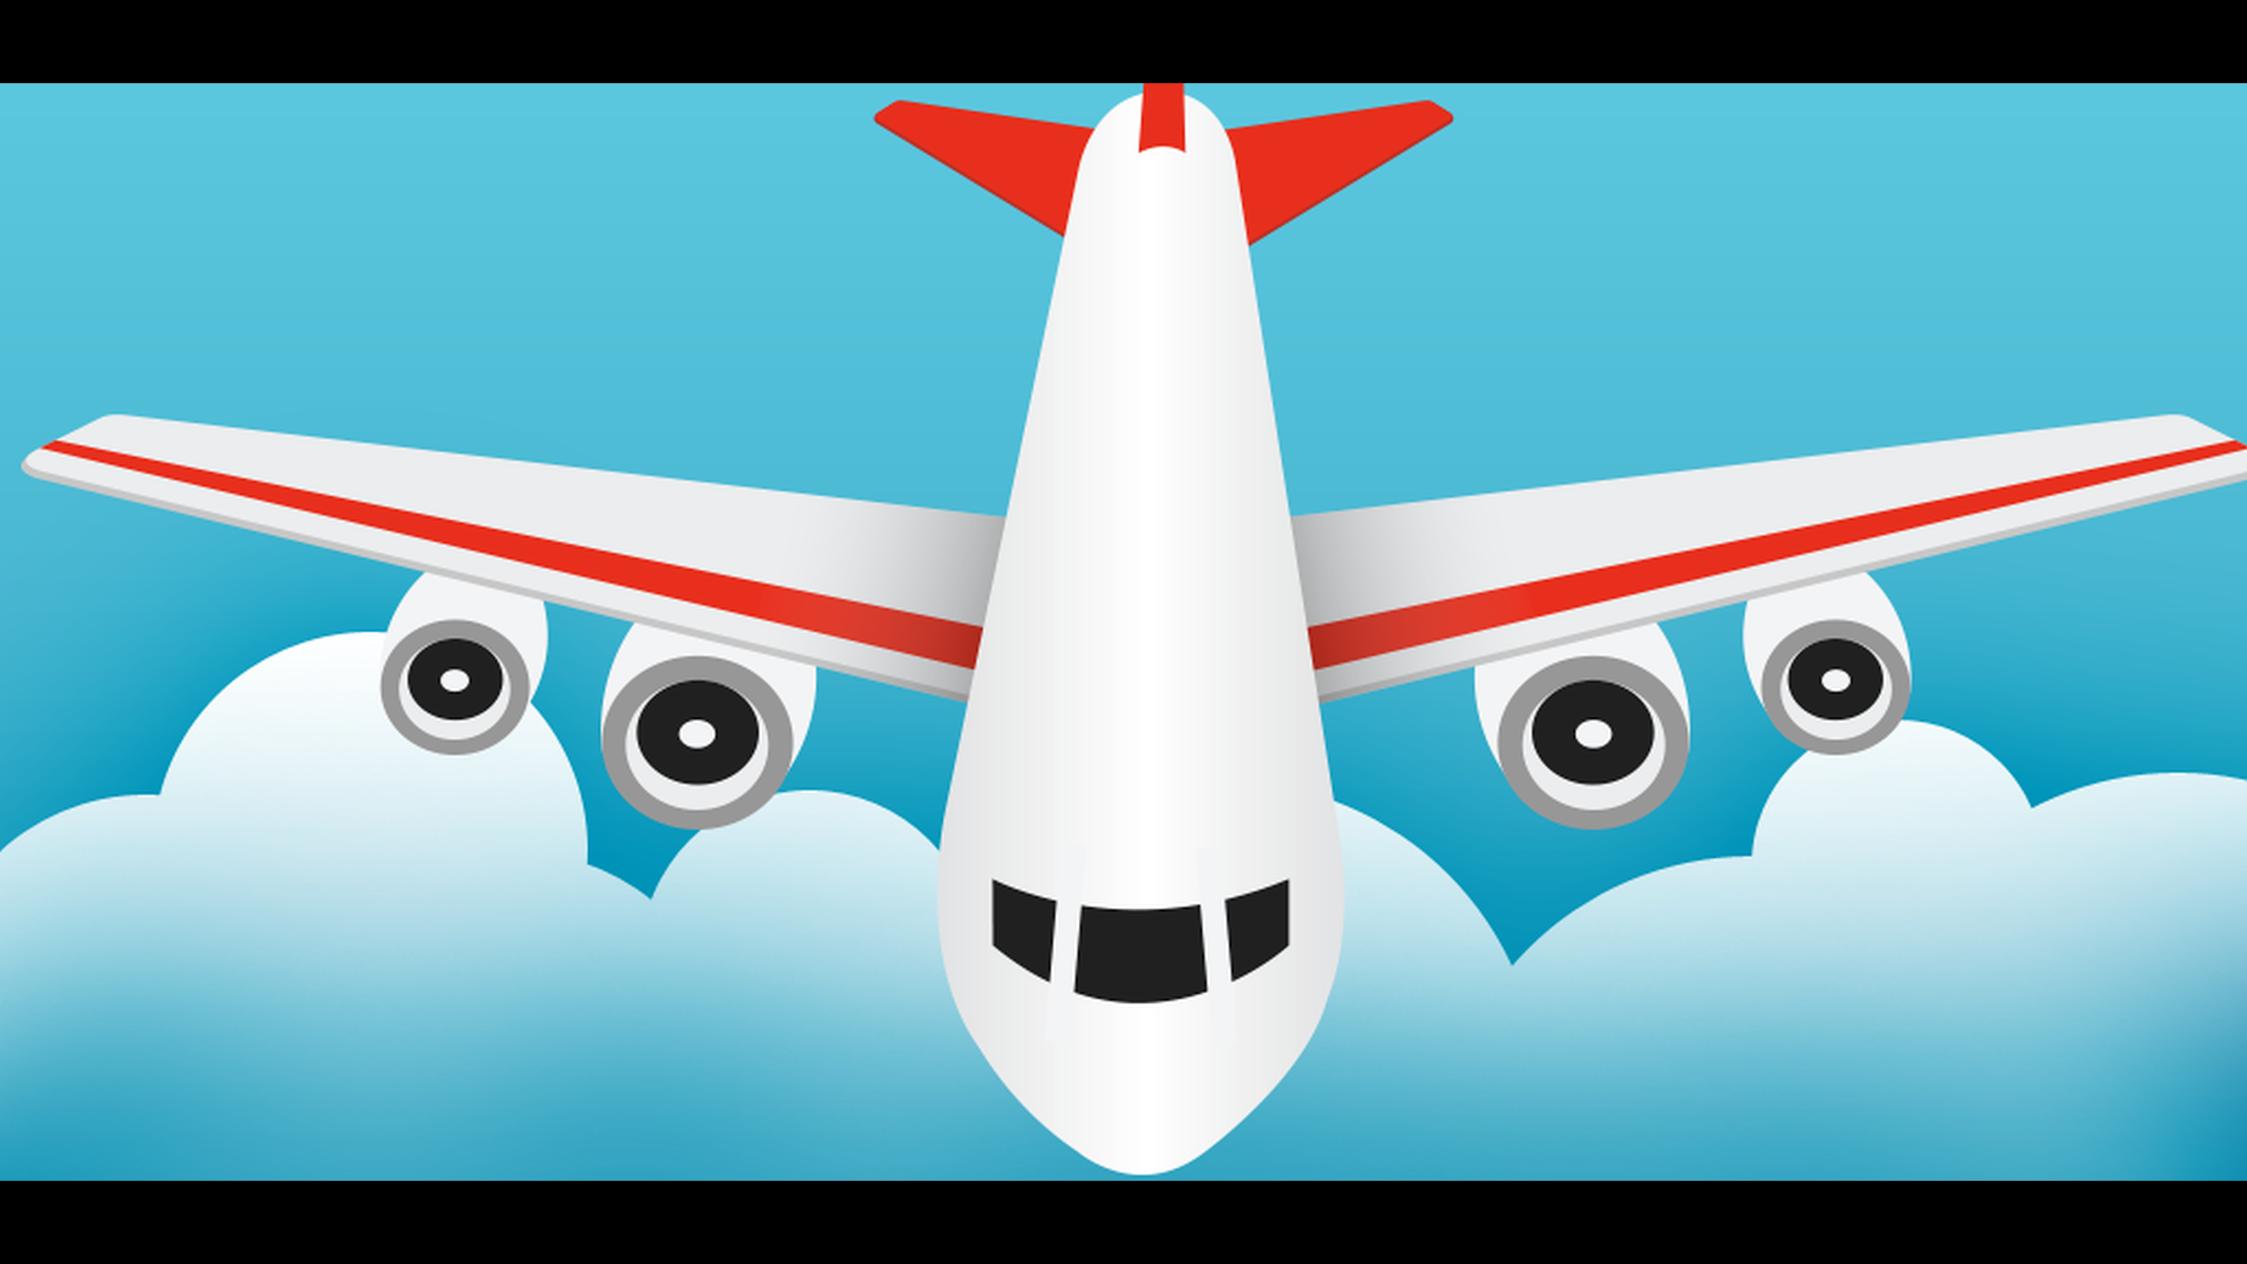 FlightInfoApps.com